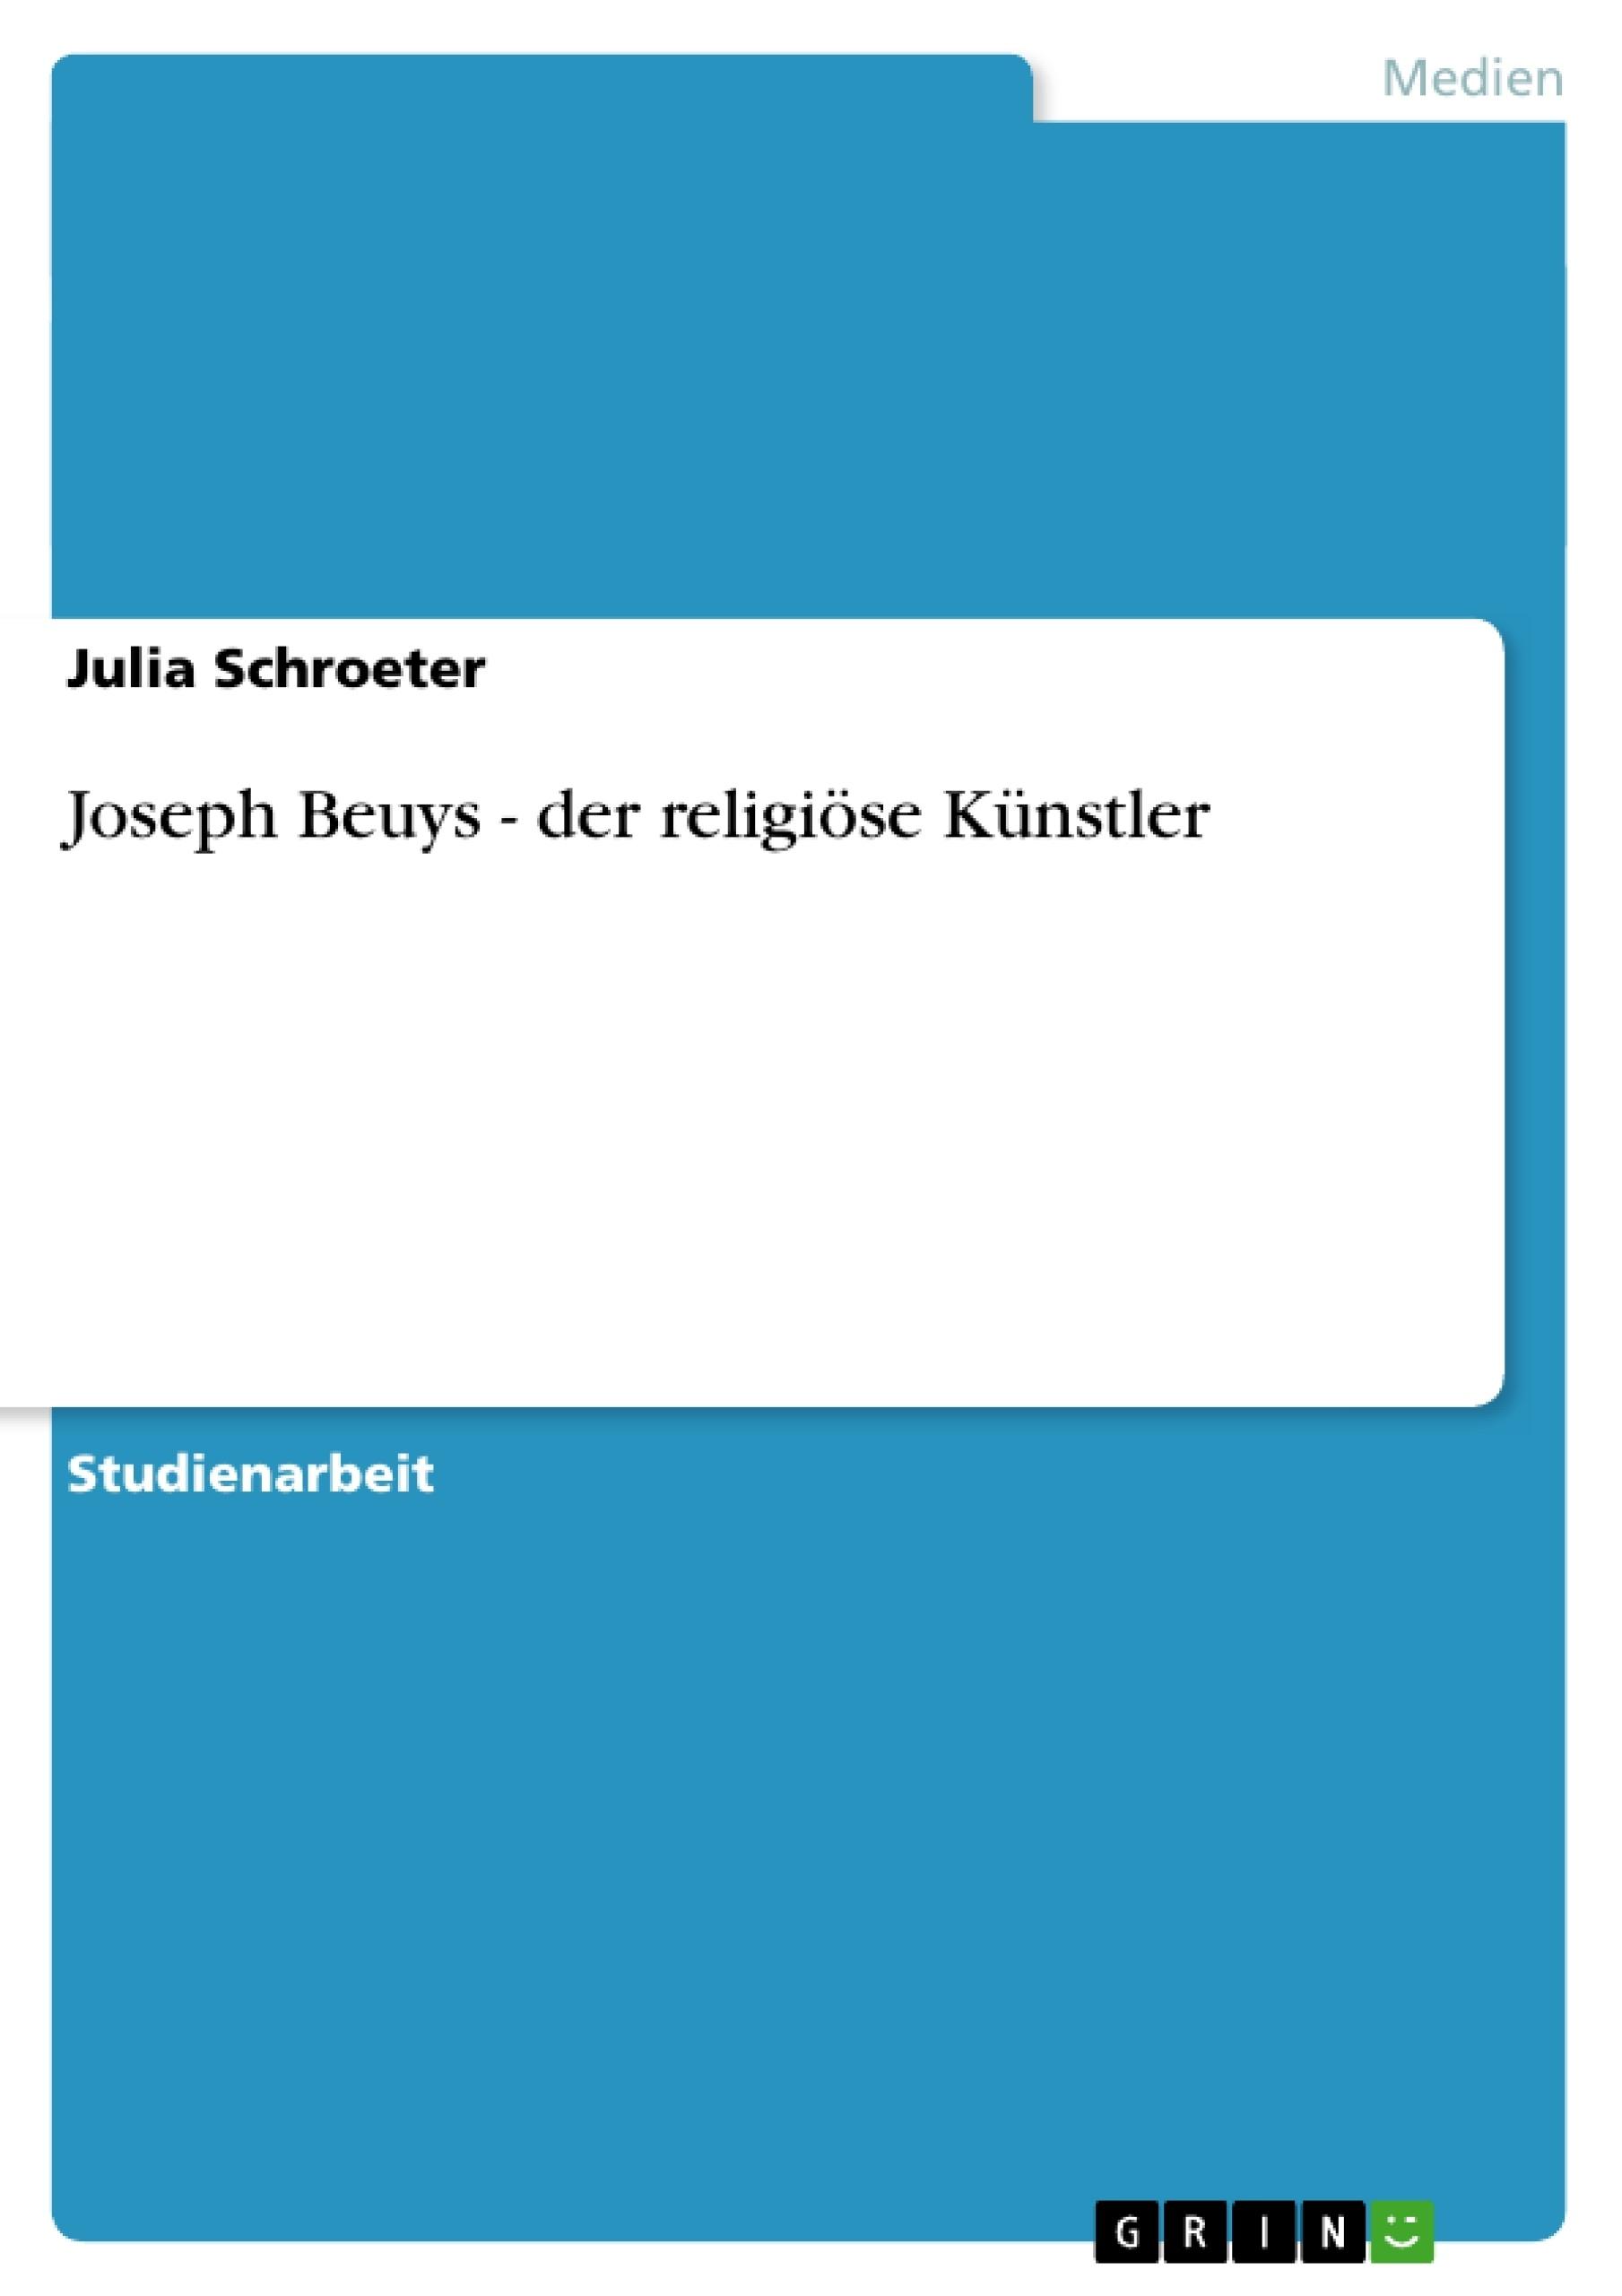 Titel: Joseph Beuys - der religiöse Künstler